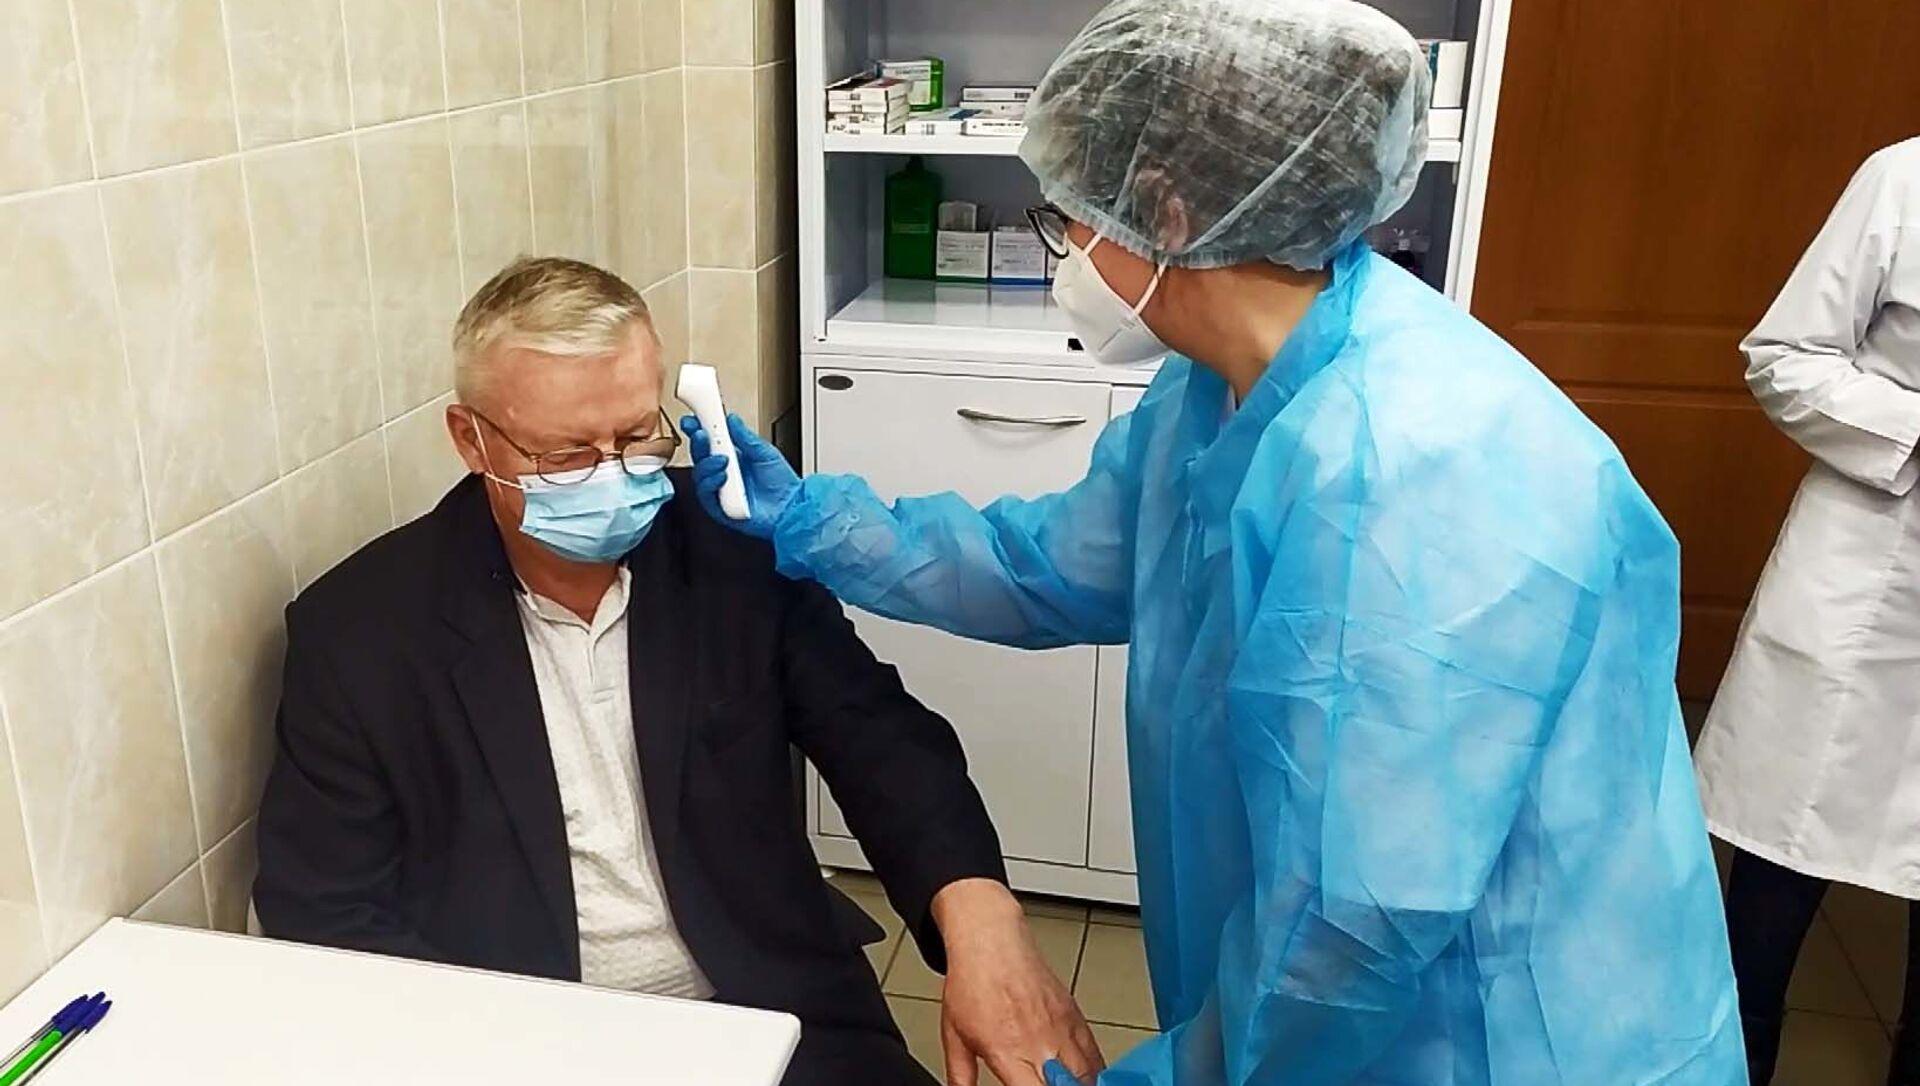 Массовая вакцинация от коронавируса началась в Минске - Sputnik Беларусь, 1920, 08.04.2021